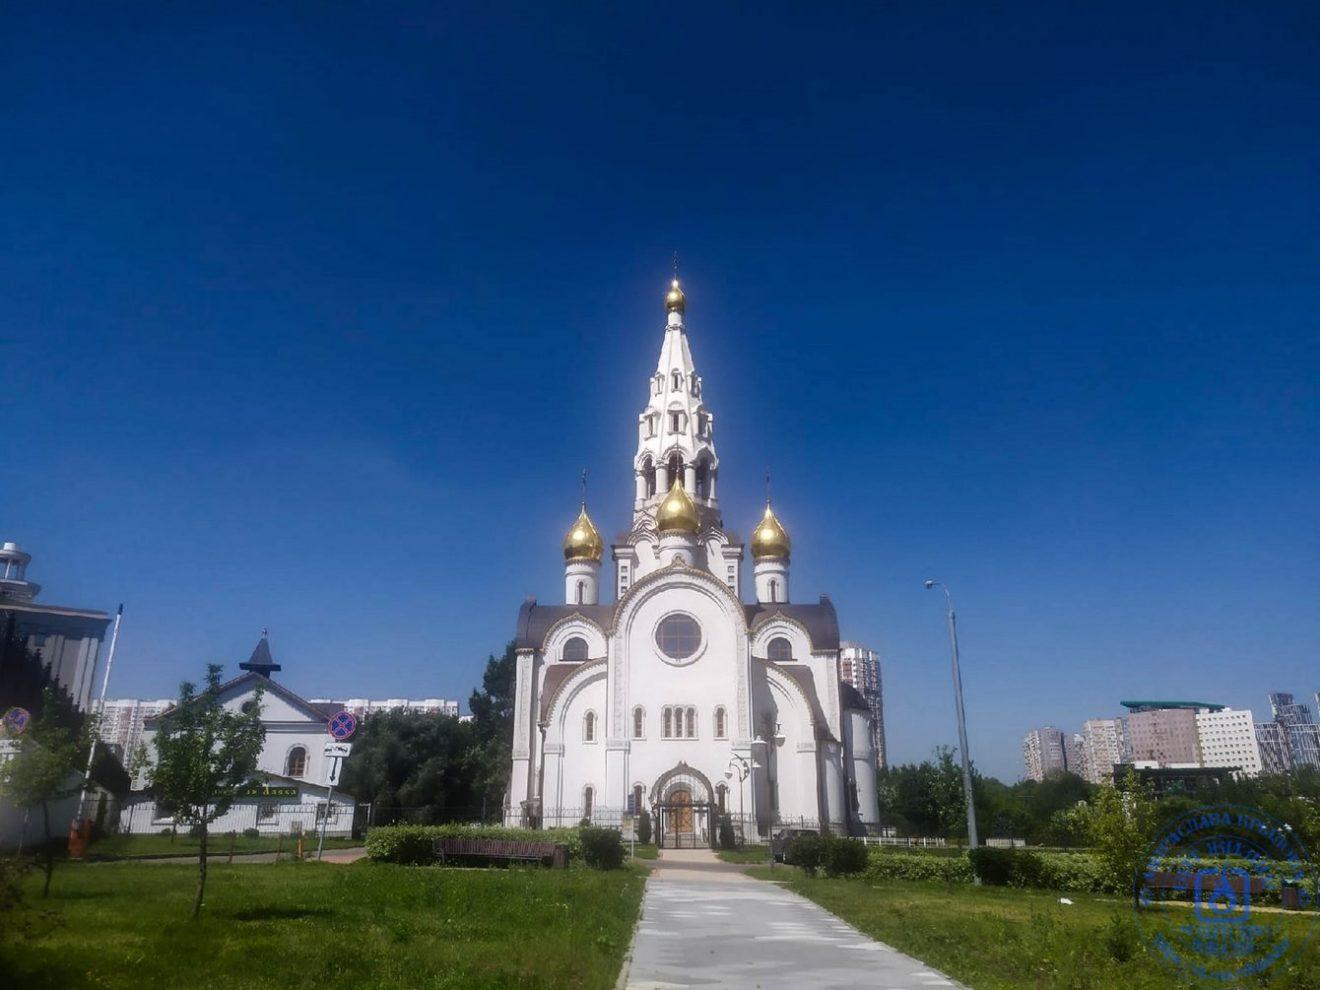 Храм Иверской иконы Божией Матери строится на юго-западе Москвы, на пересечении Мичуринского проспекта и ул. Лобачевског